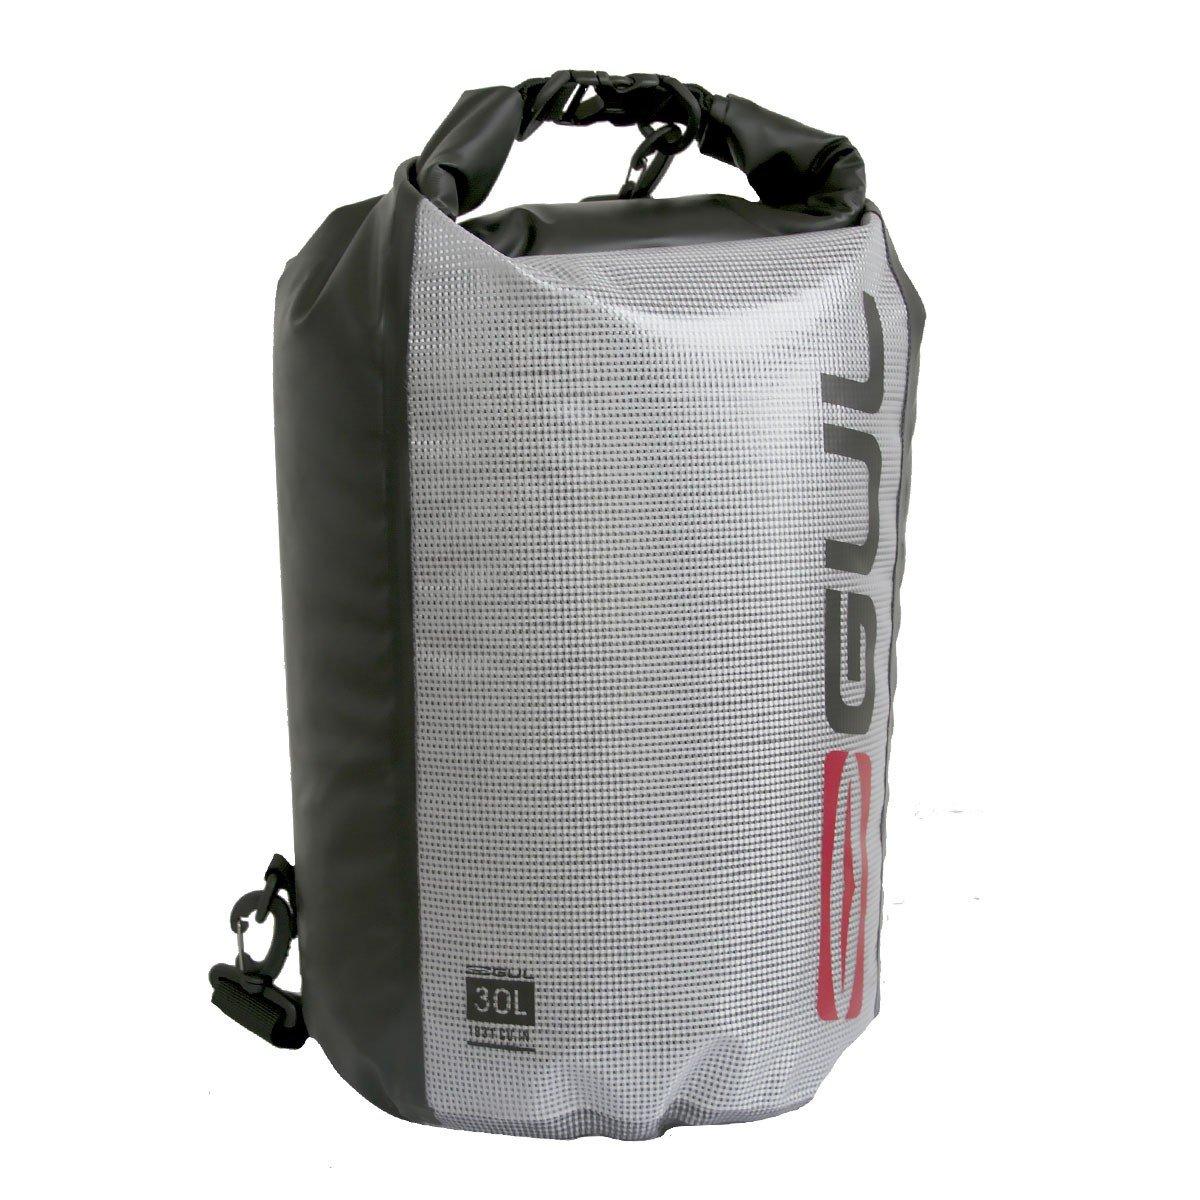 Gul 30l Heavy Duty Drybag Lu0118-A8